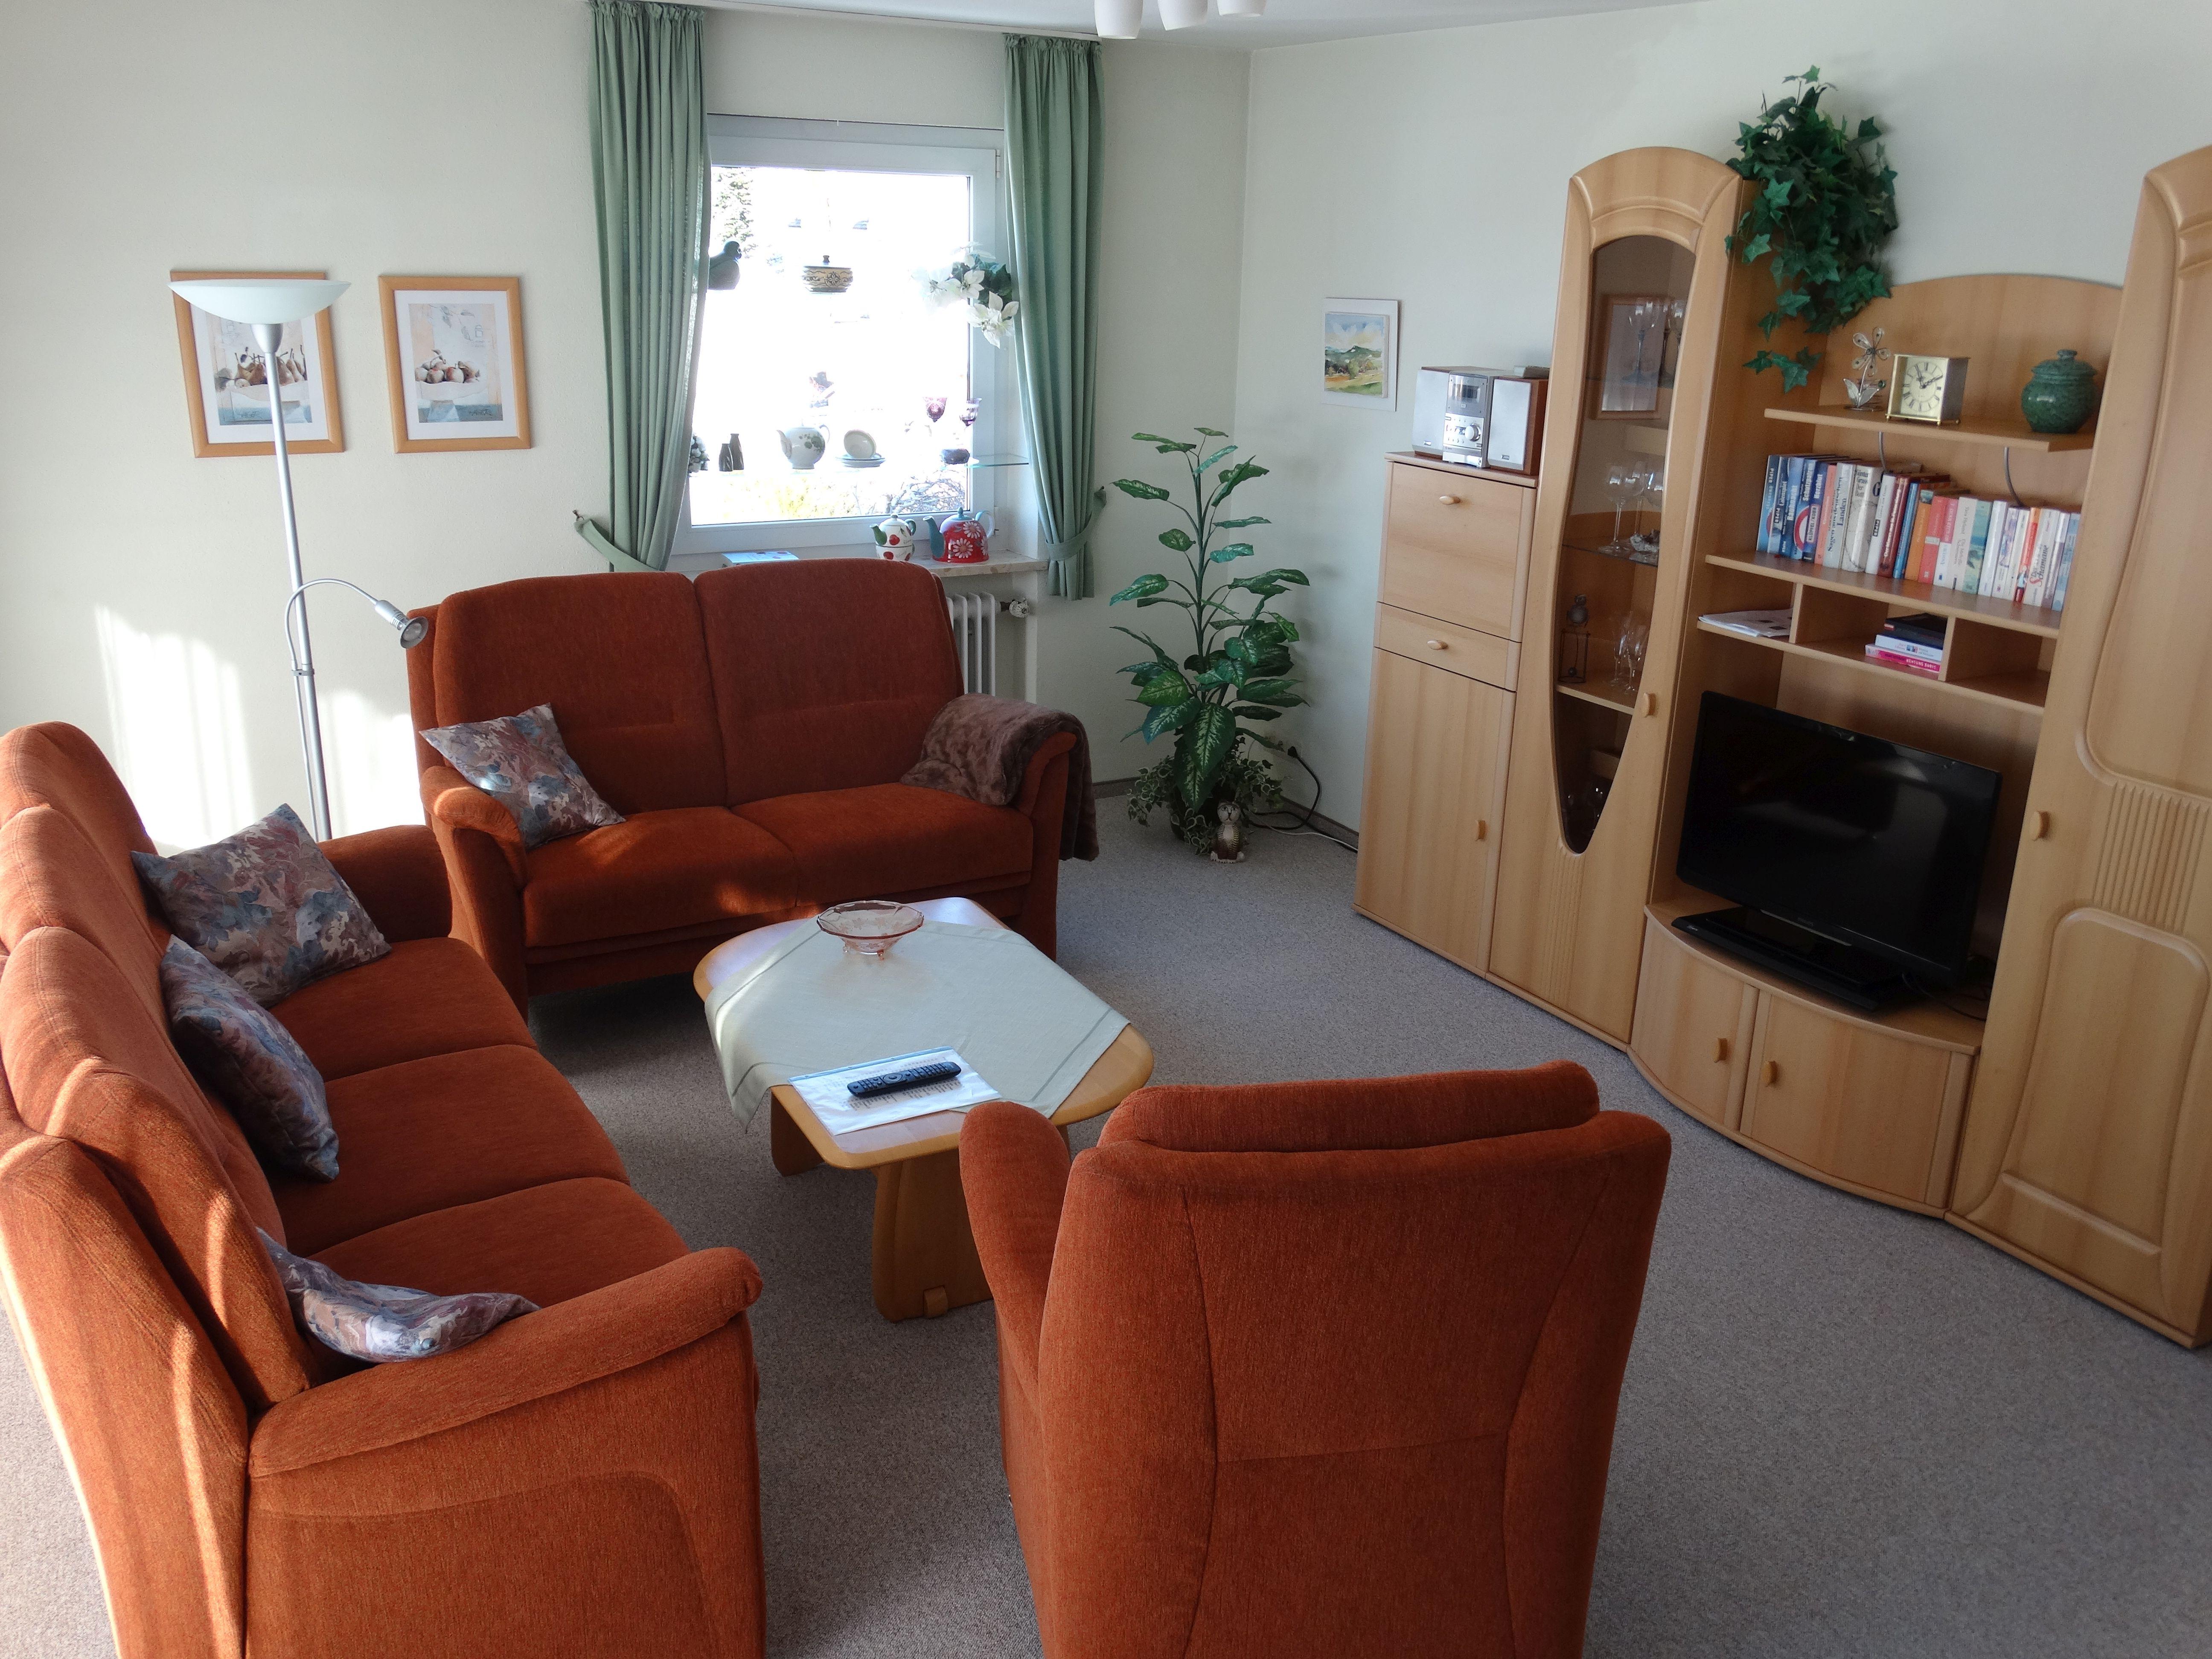 Ferienwohnung Hoffmann, Wohnzimmer